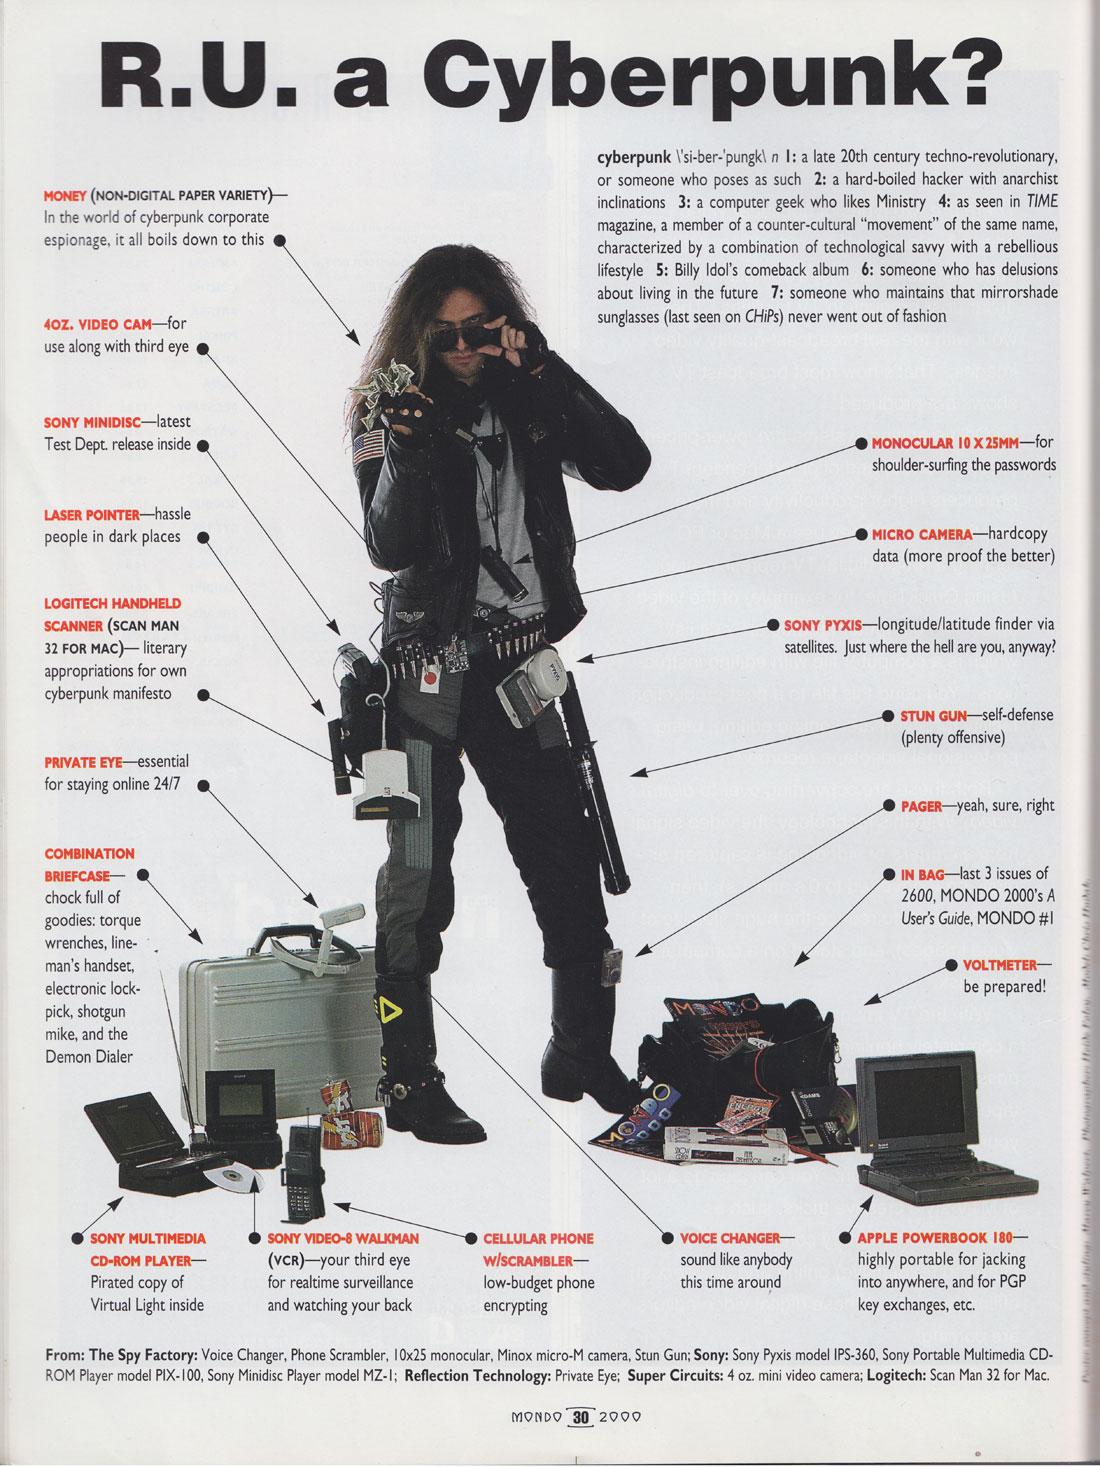 Are-You-A-Cyberpunk-1990